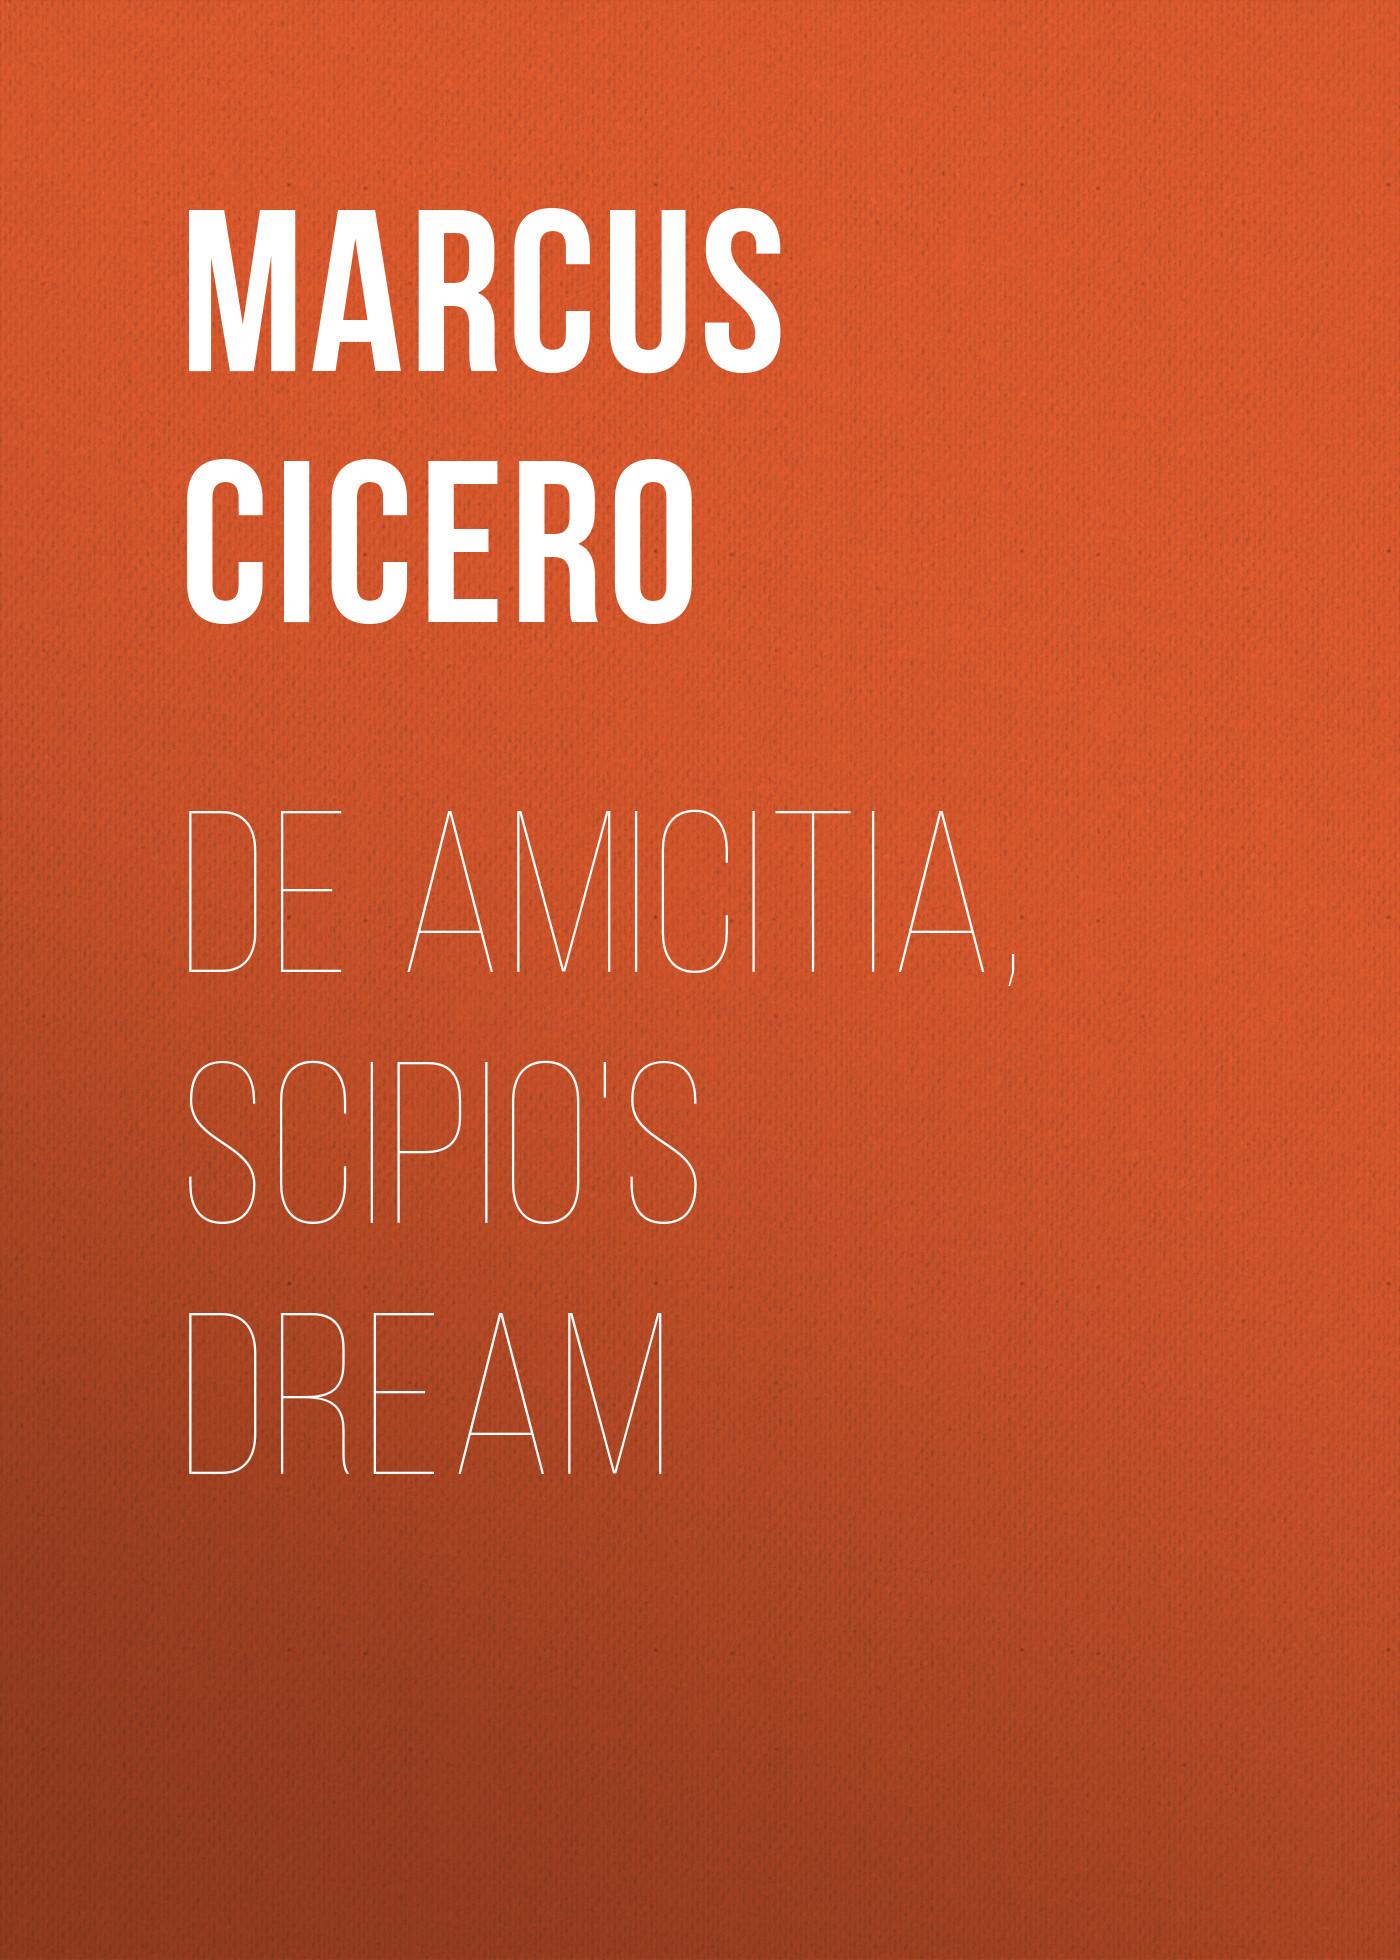 лучшая цена Marcus Cicero De Amicitia, Scipio's Dream